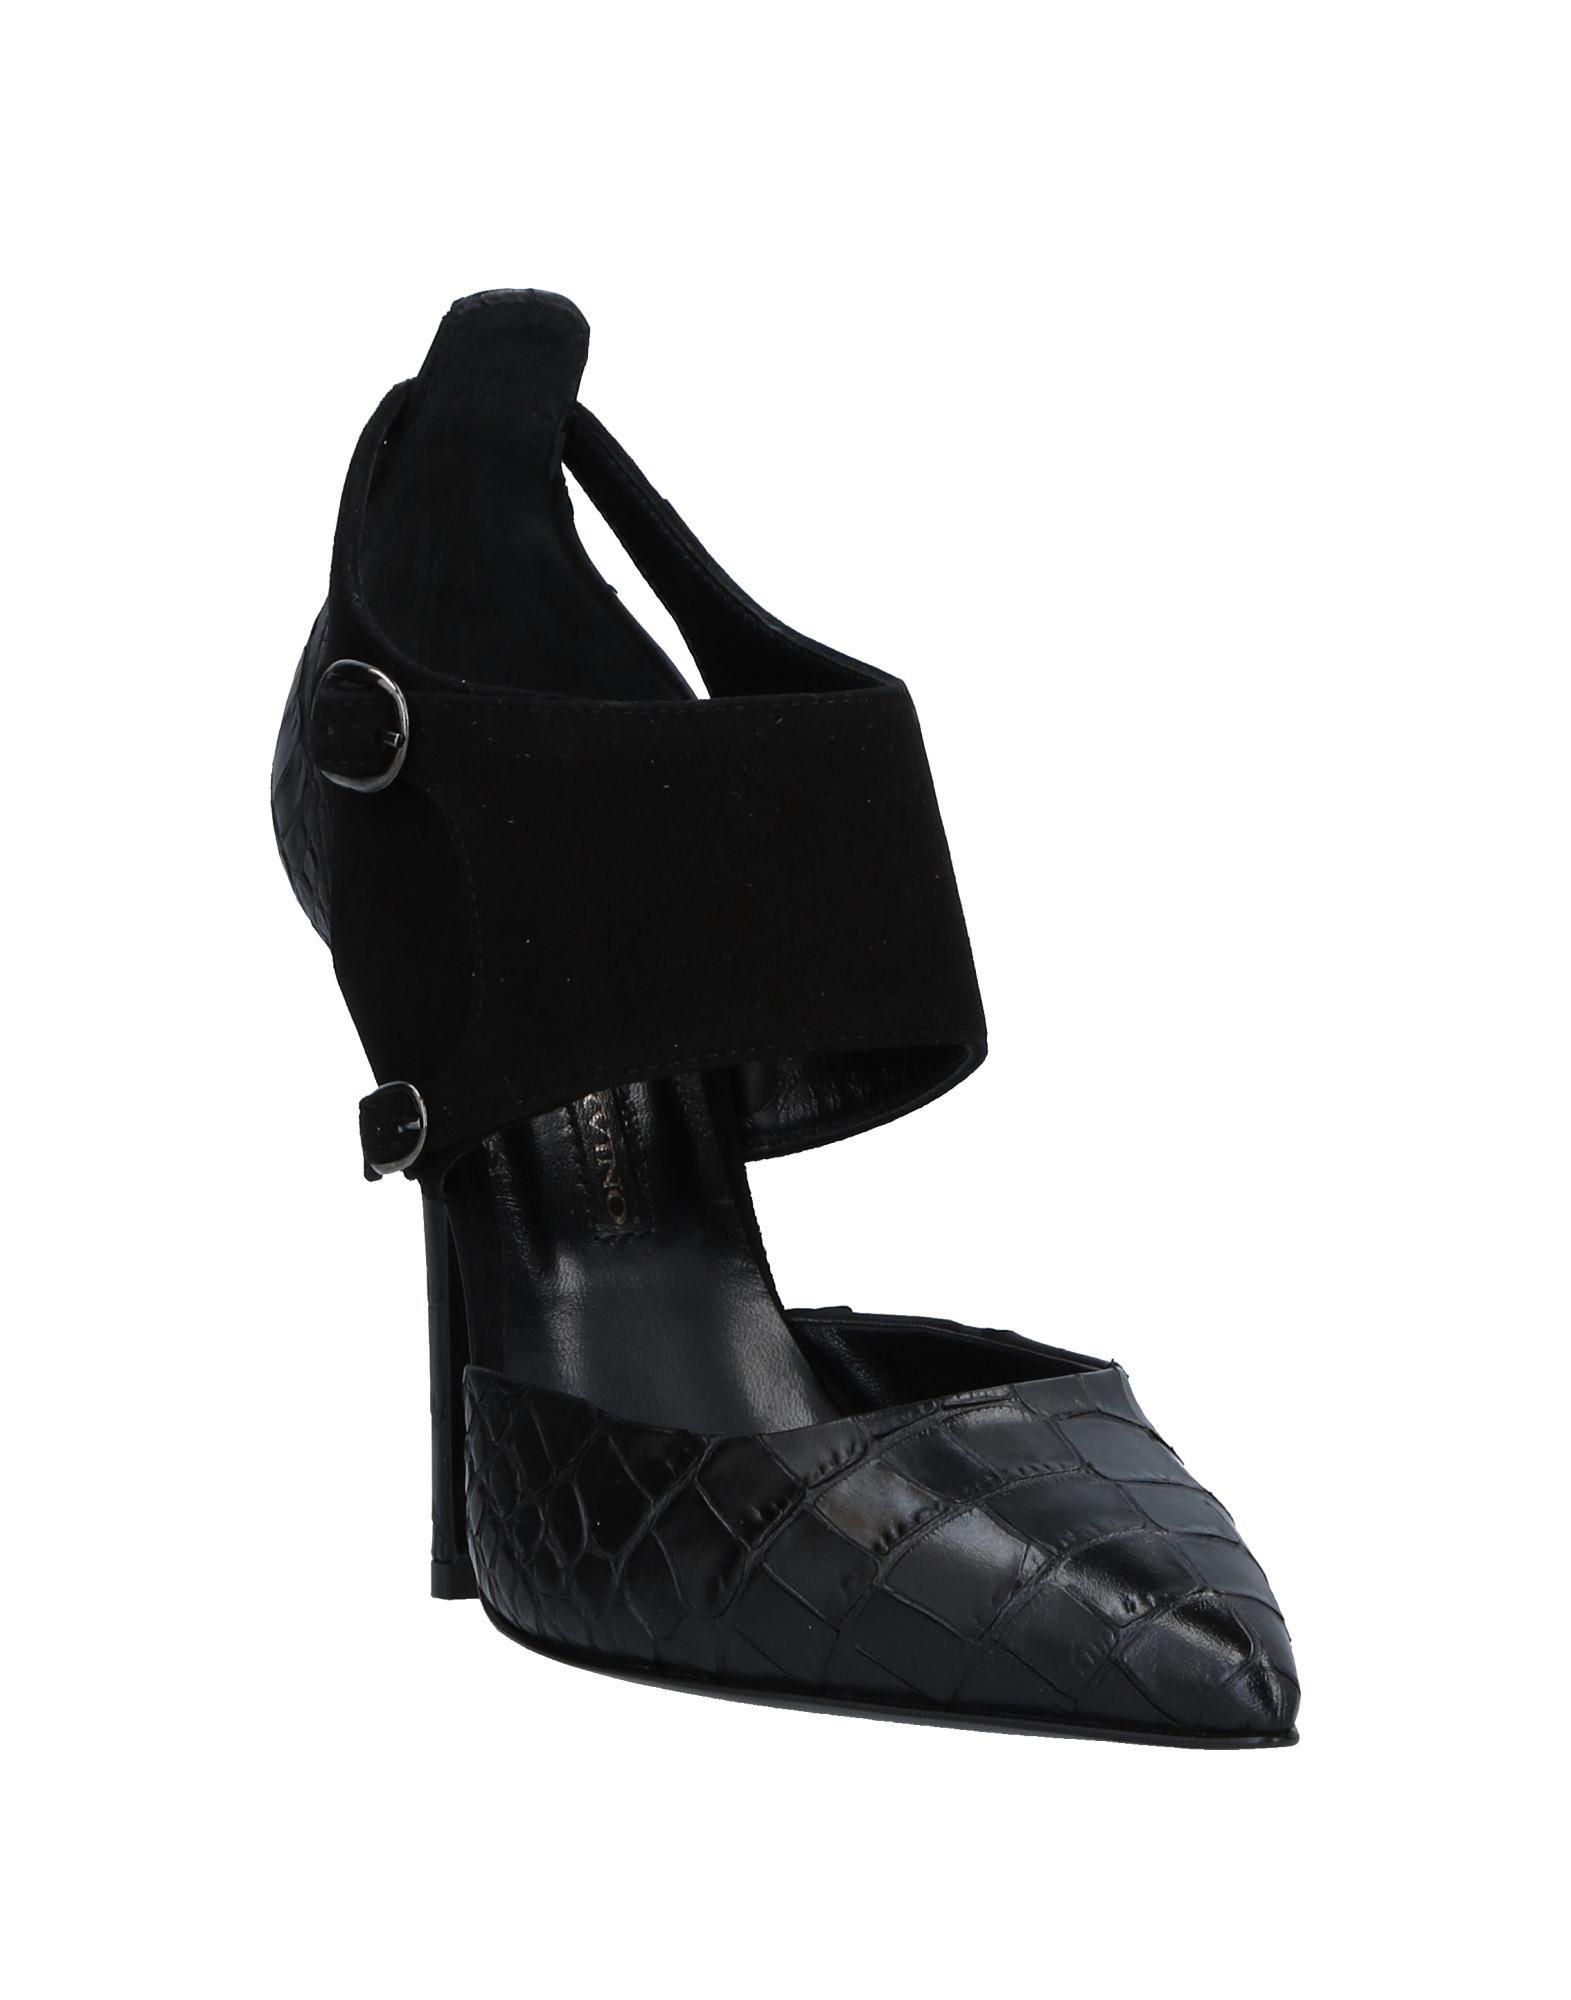 Ermanno Scervino Pumps Schuhe Damen  11535346TF Neue Schuhe Pumps b1a9a2